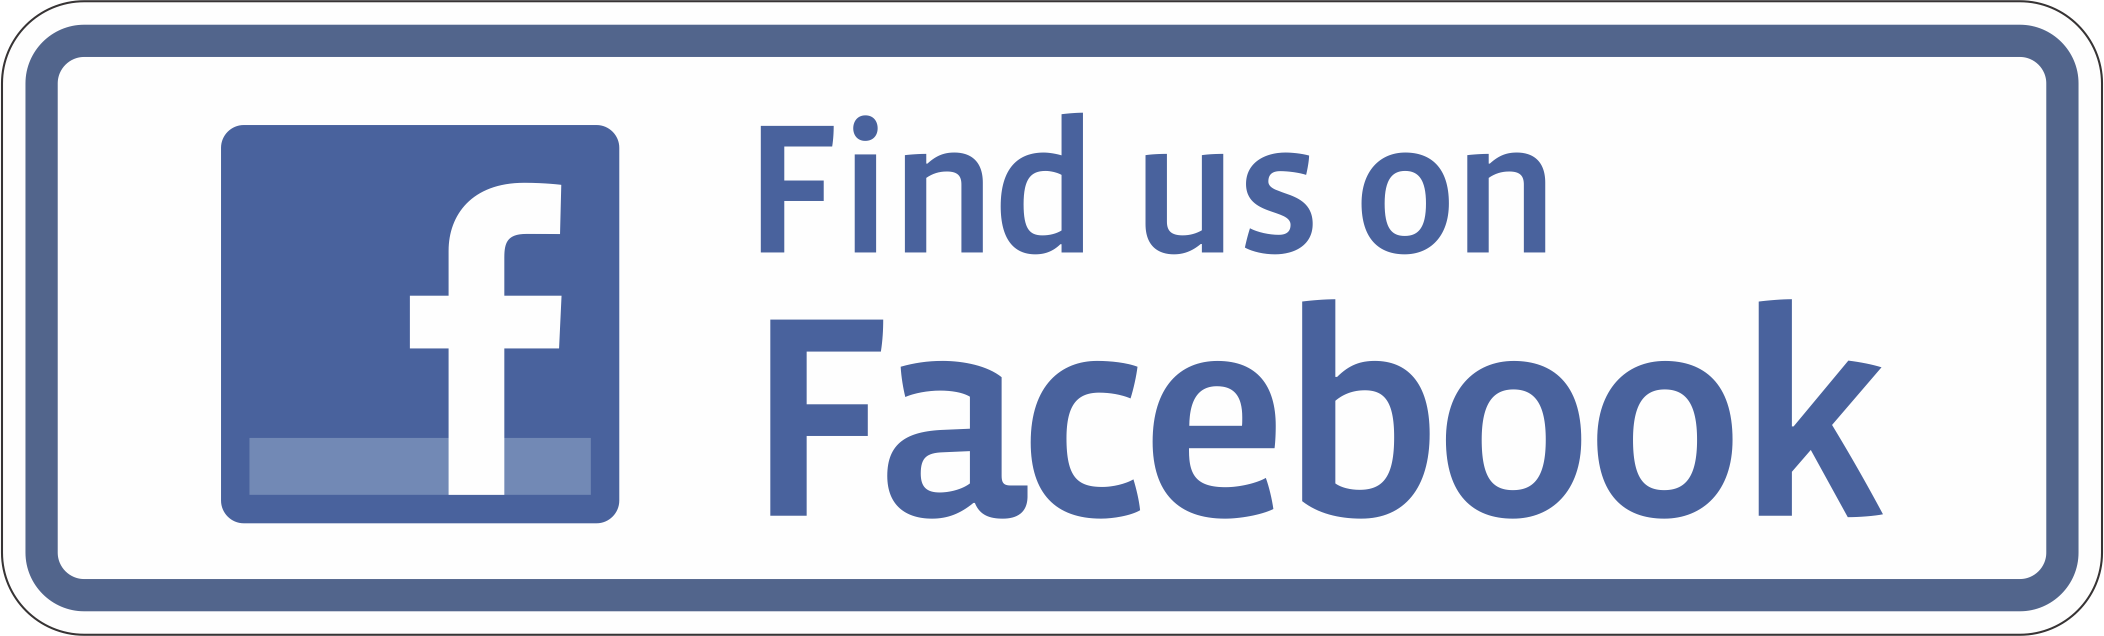 find-us-on-facebook-logo-png-i2